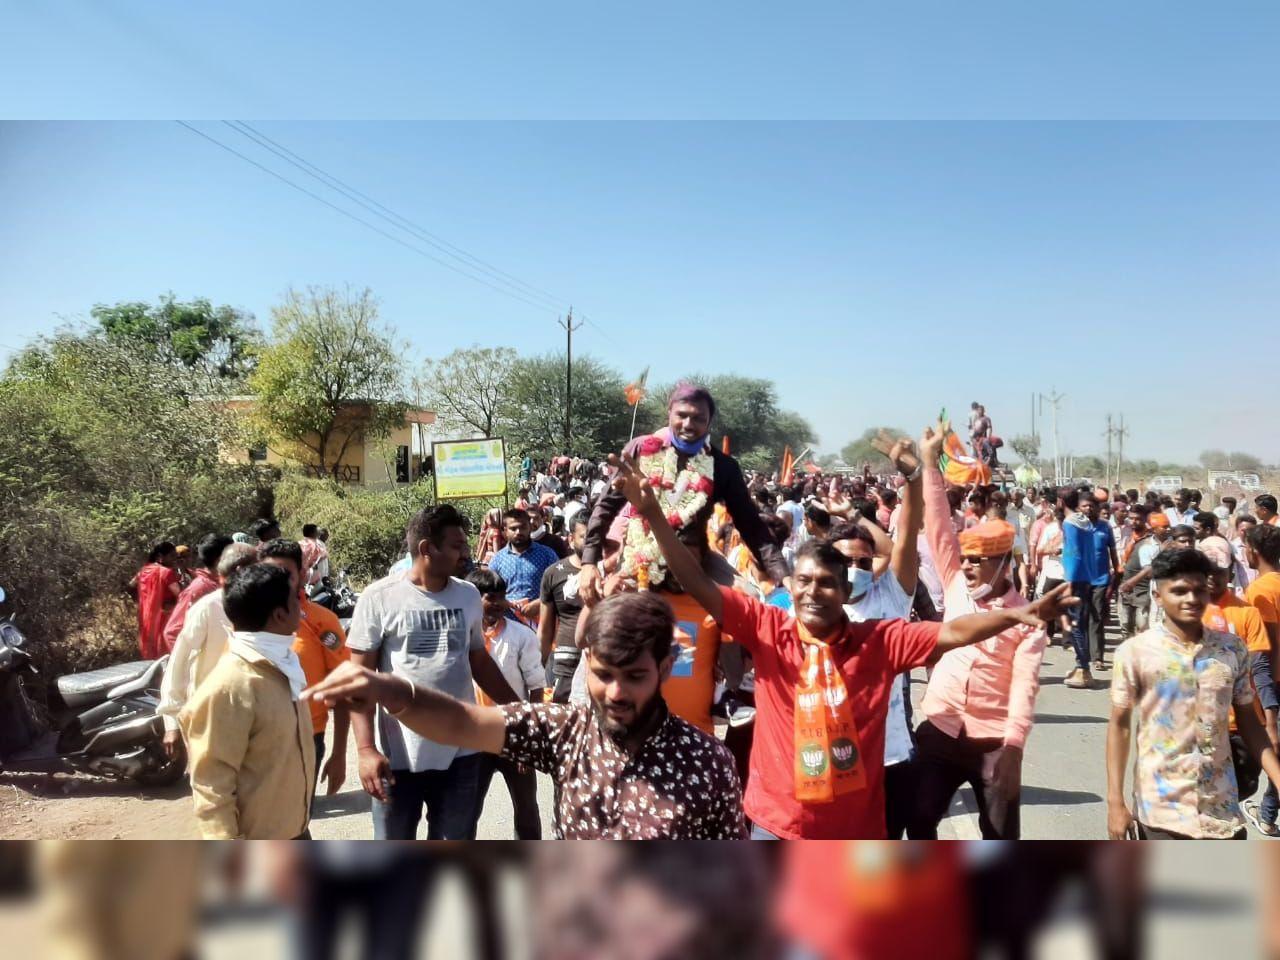 ભાજપ-કોંગ્રેસના ઉમેદવારોની જીત થતા ઉત્સાહનો માહોલ જોવા મળ્યો હતો - Divya Bhaskar